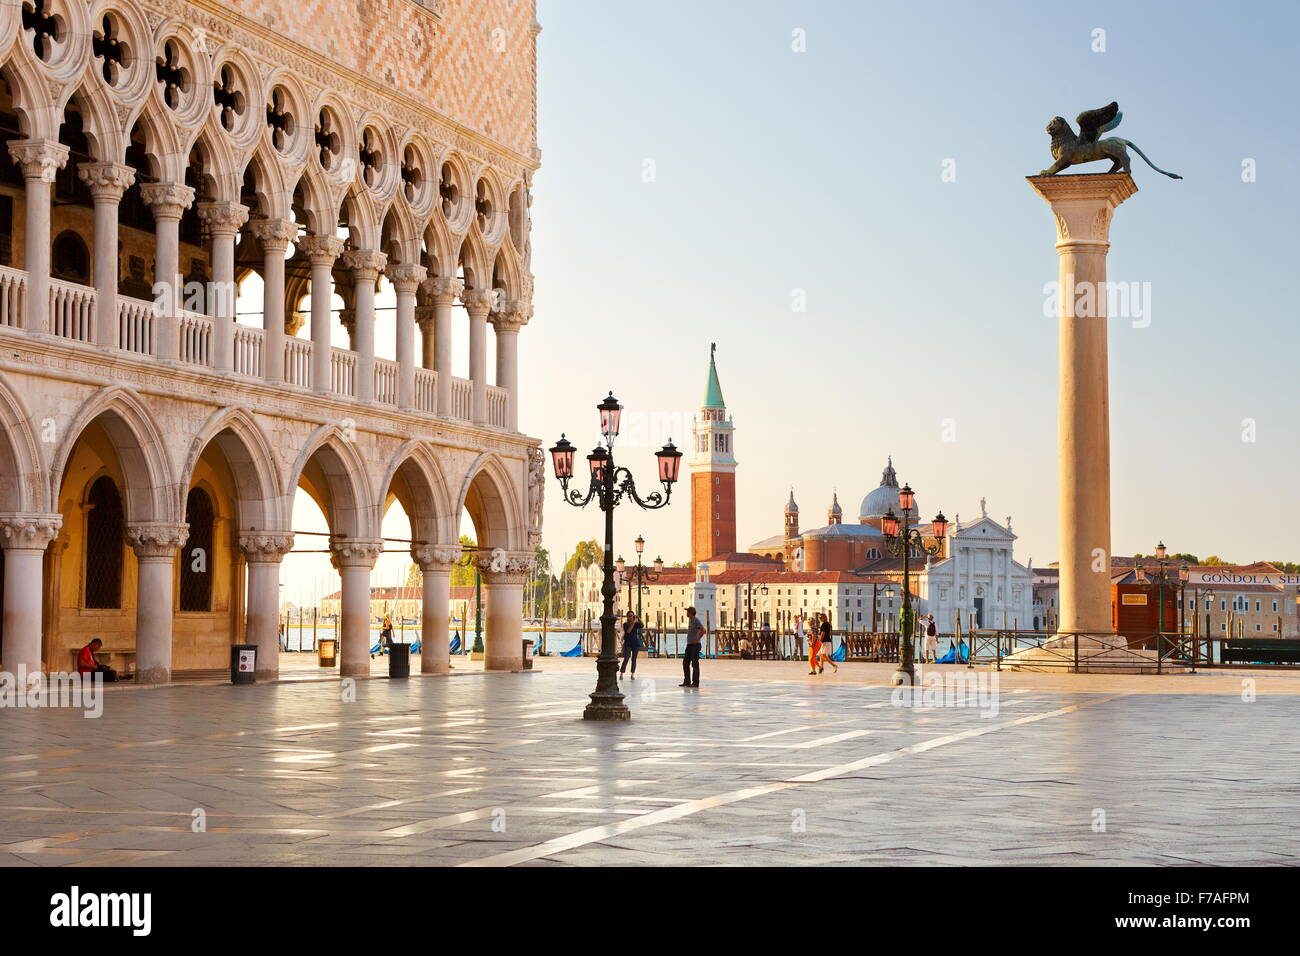 St.-Markus Platz und Kirche San Giorgio Maggiore, Venedig, UNESCO World Heritage Site, Veneto, Italien Stockbild